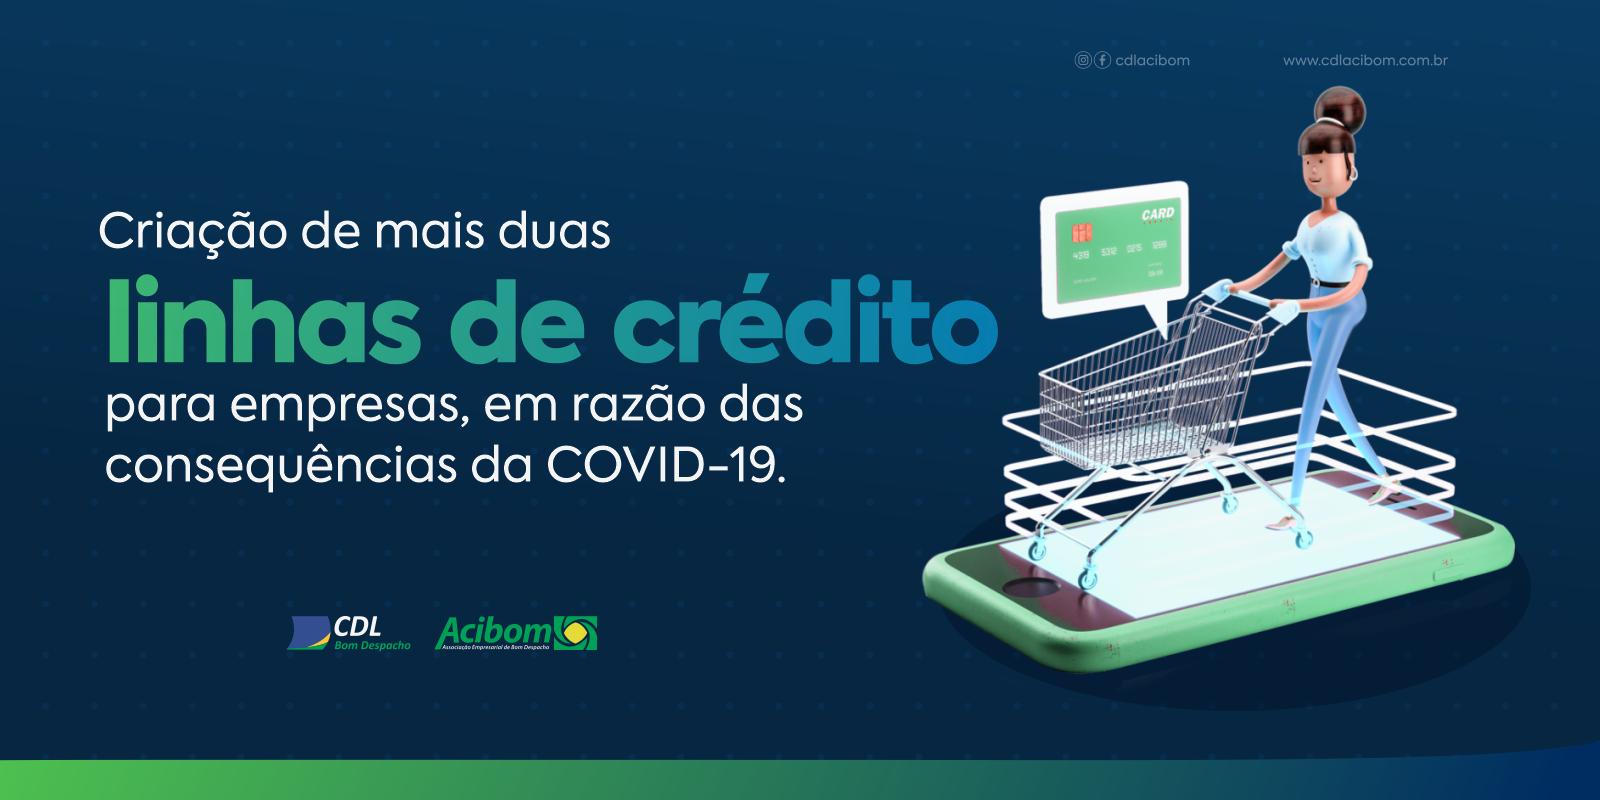 Criação de mais duas linhas de crédito para empresas, em razão das consequências da COVID-19.